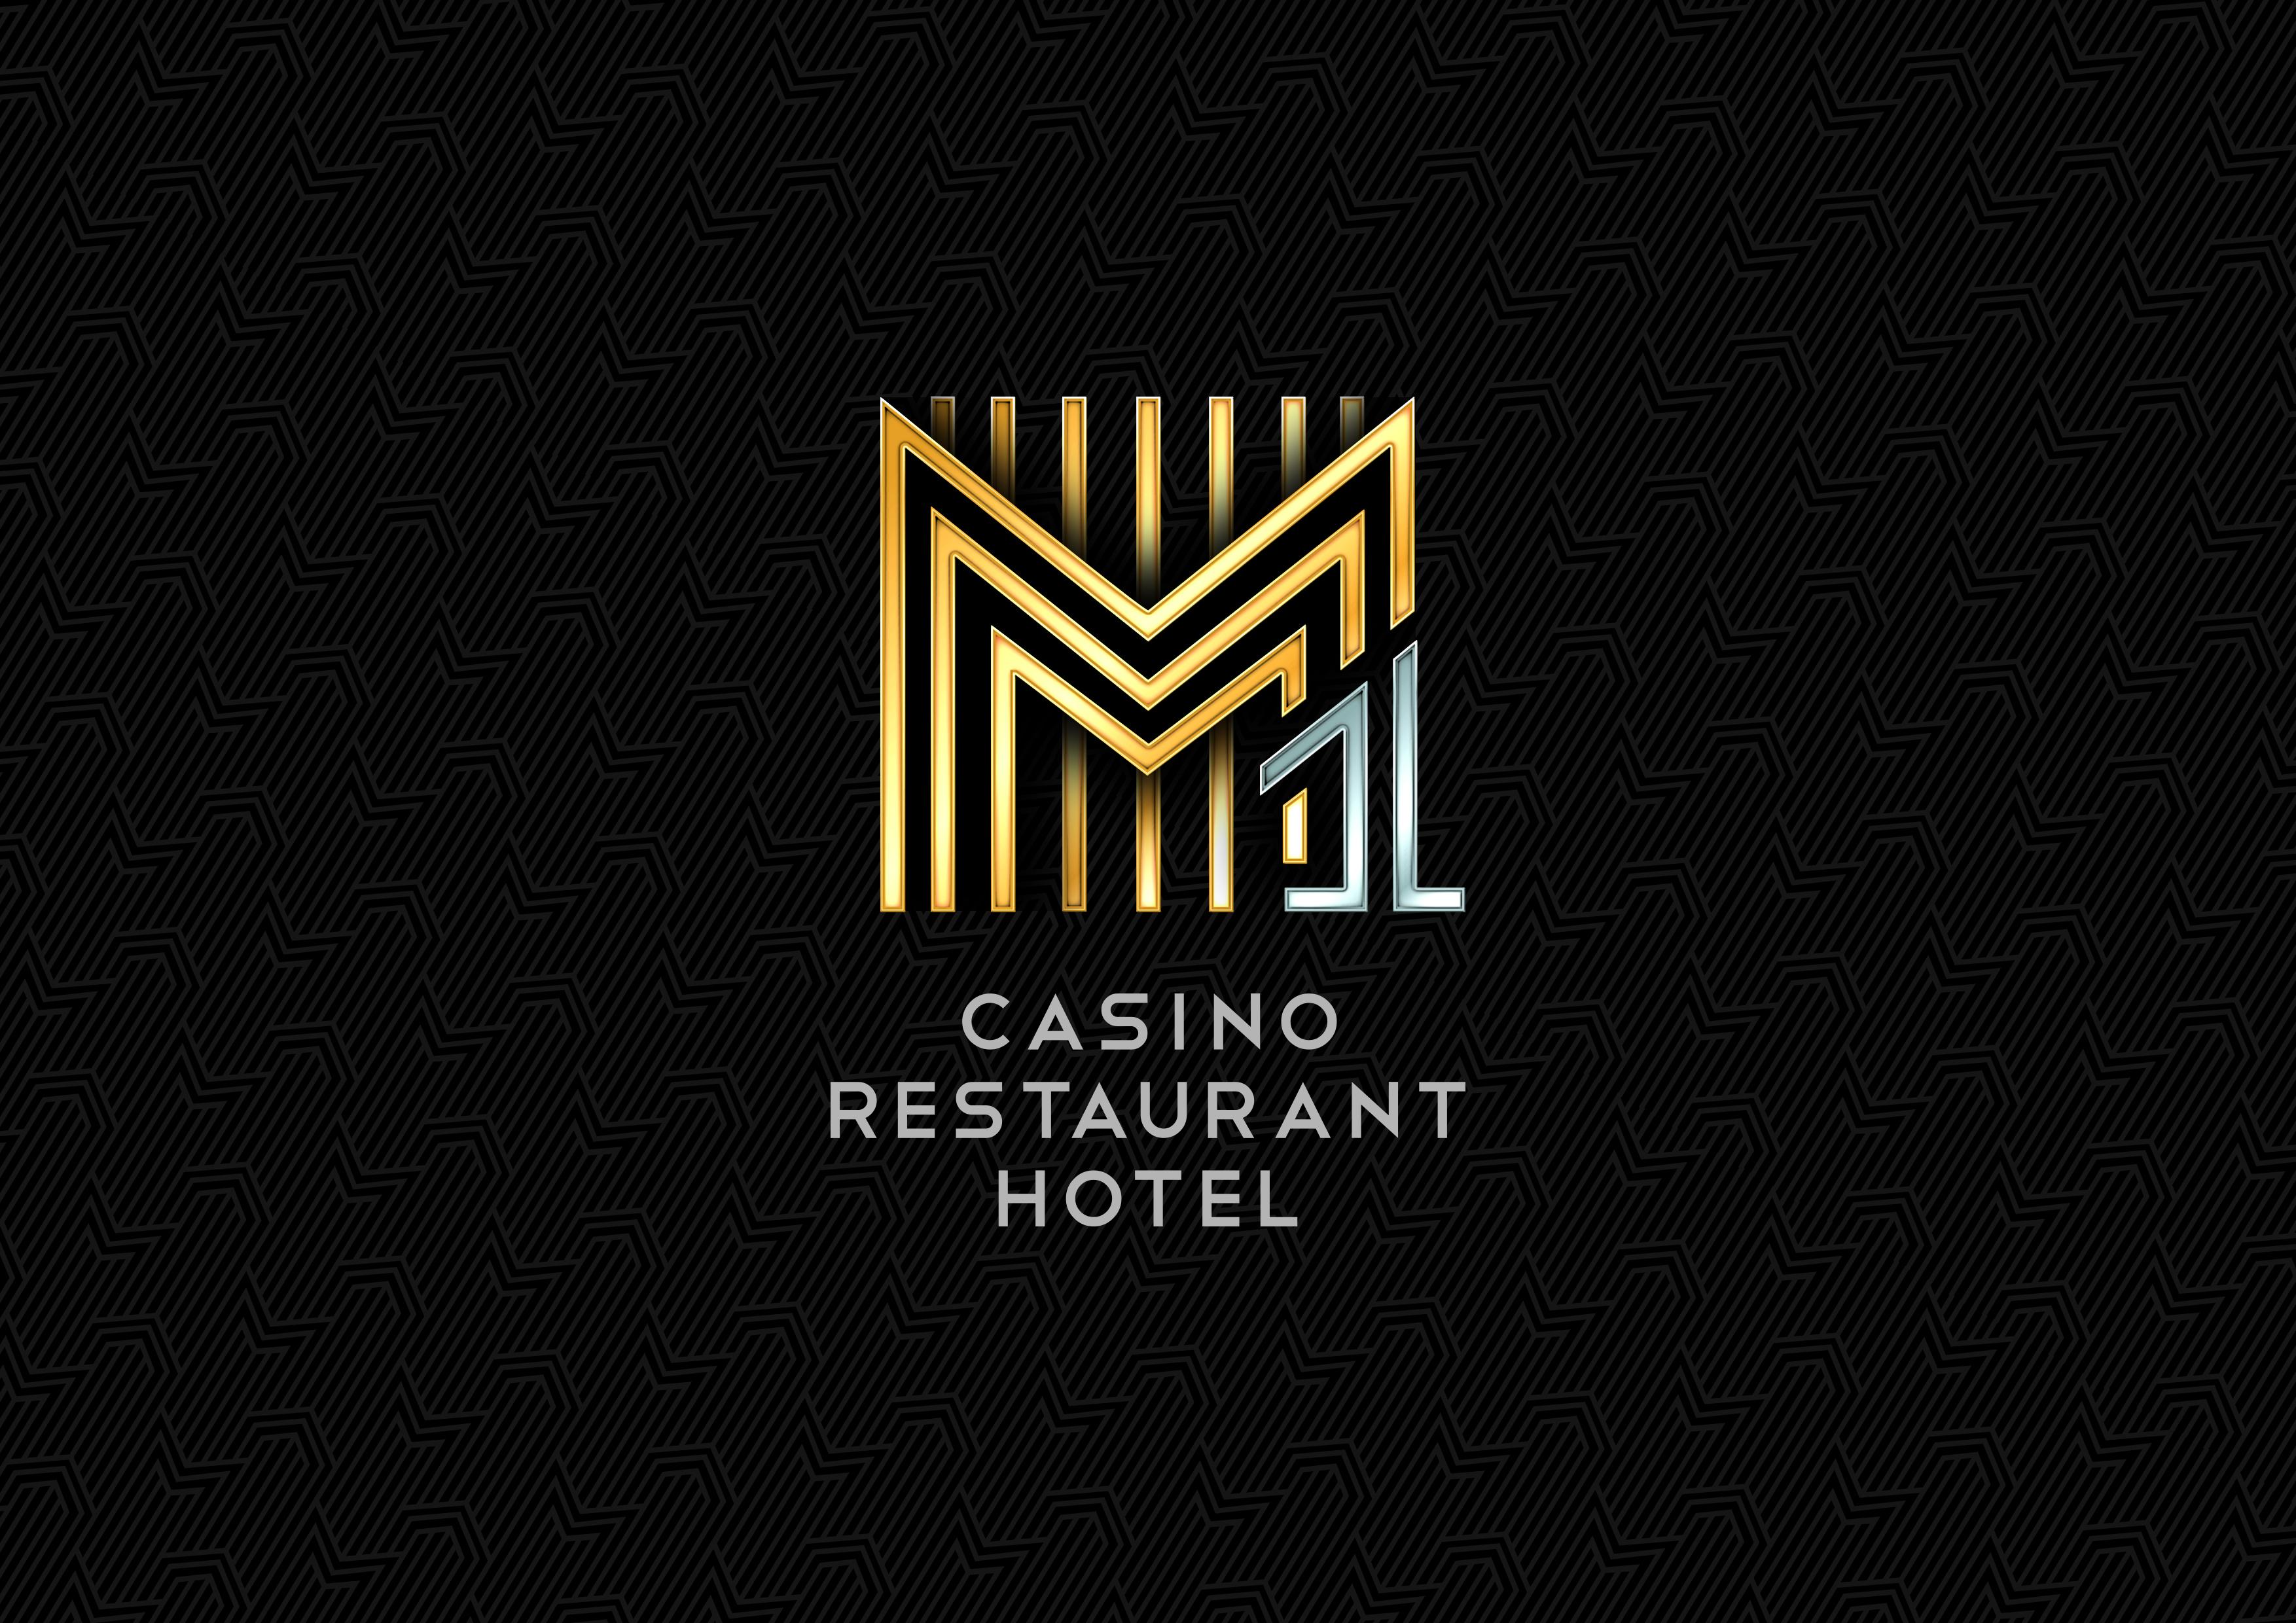 казино м1 официальный сайт вакансии